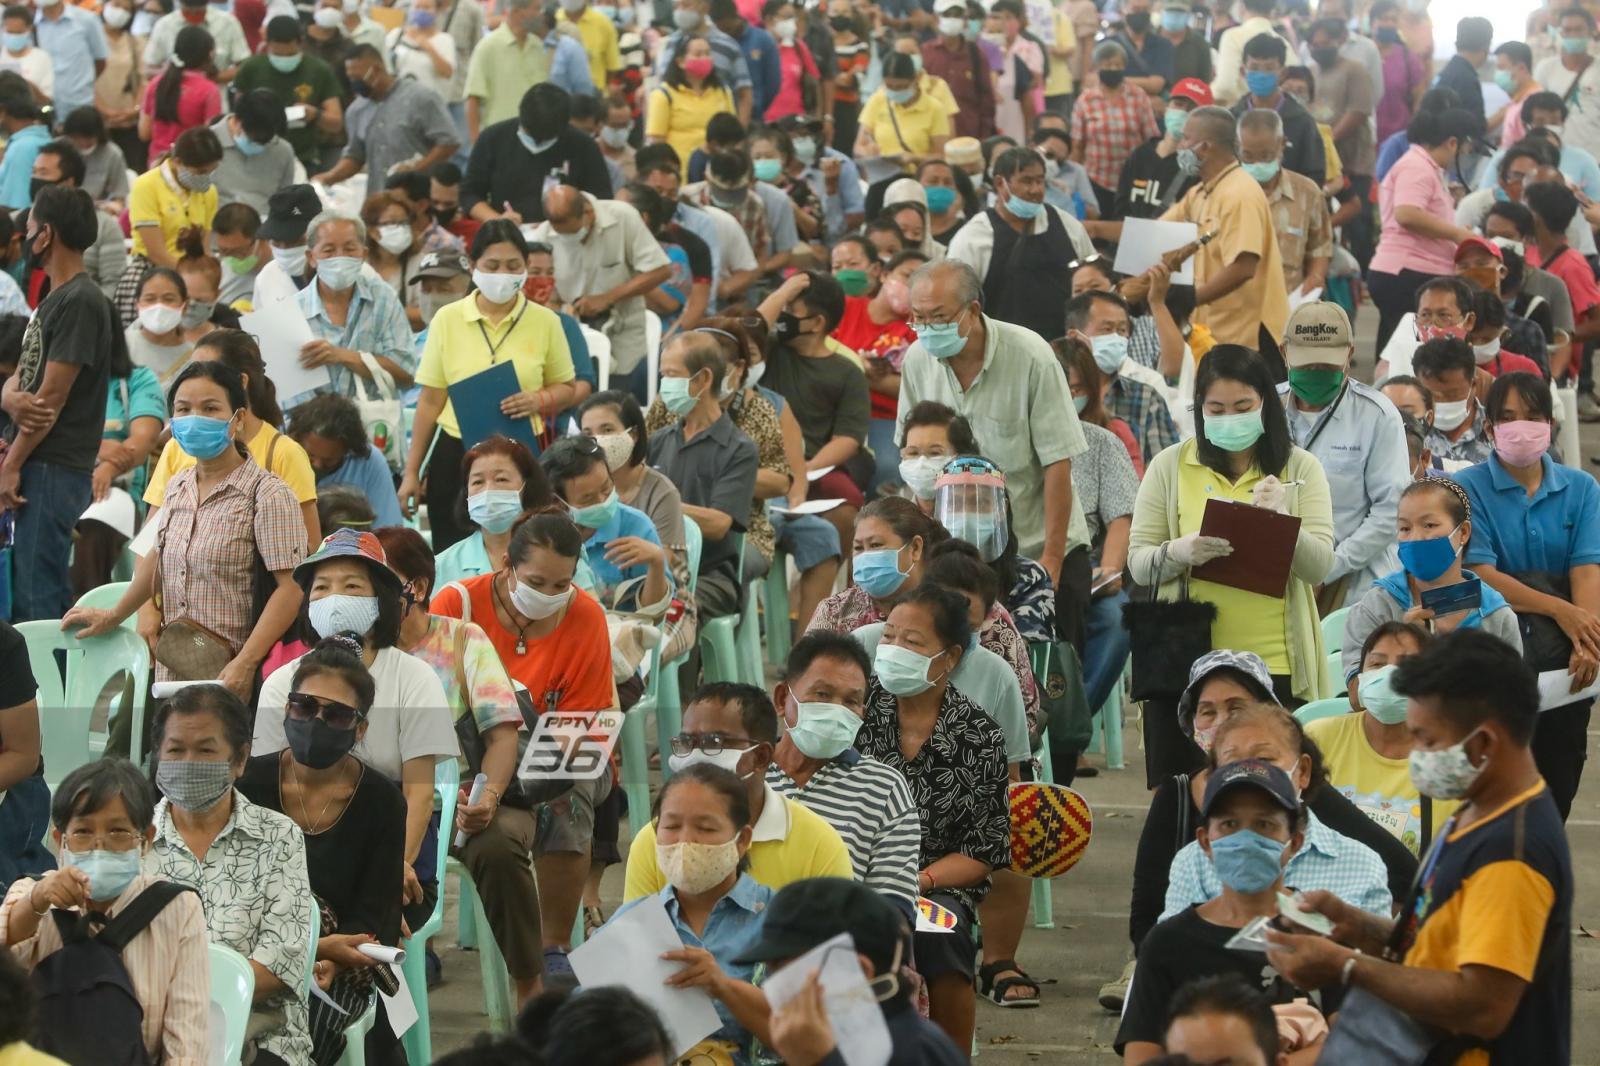 ลุ้น !! พ.ค.นี้ รัฐบาล เคาะมาตรการเยียวยาโควิด 1 แสนล้าน